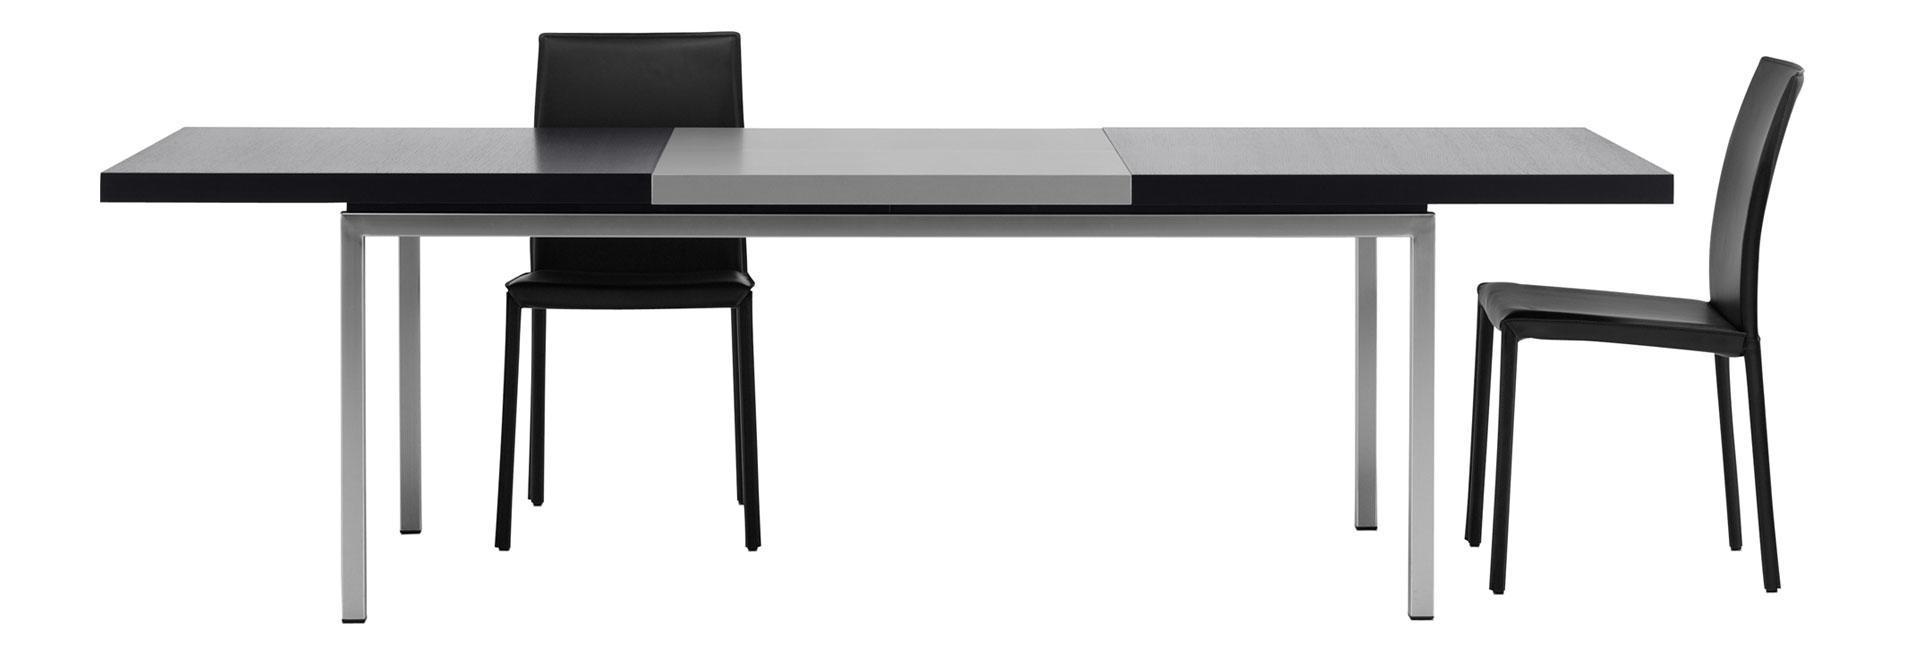 北欧风情可拉伸餐桌 Occa-351025Occa-351025